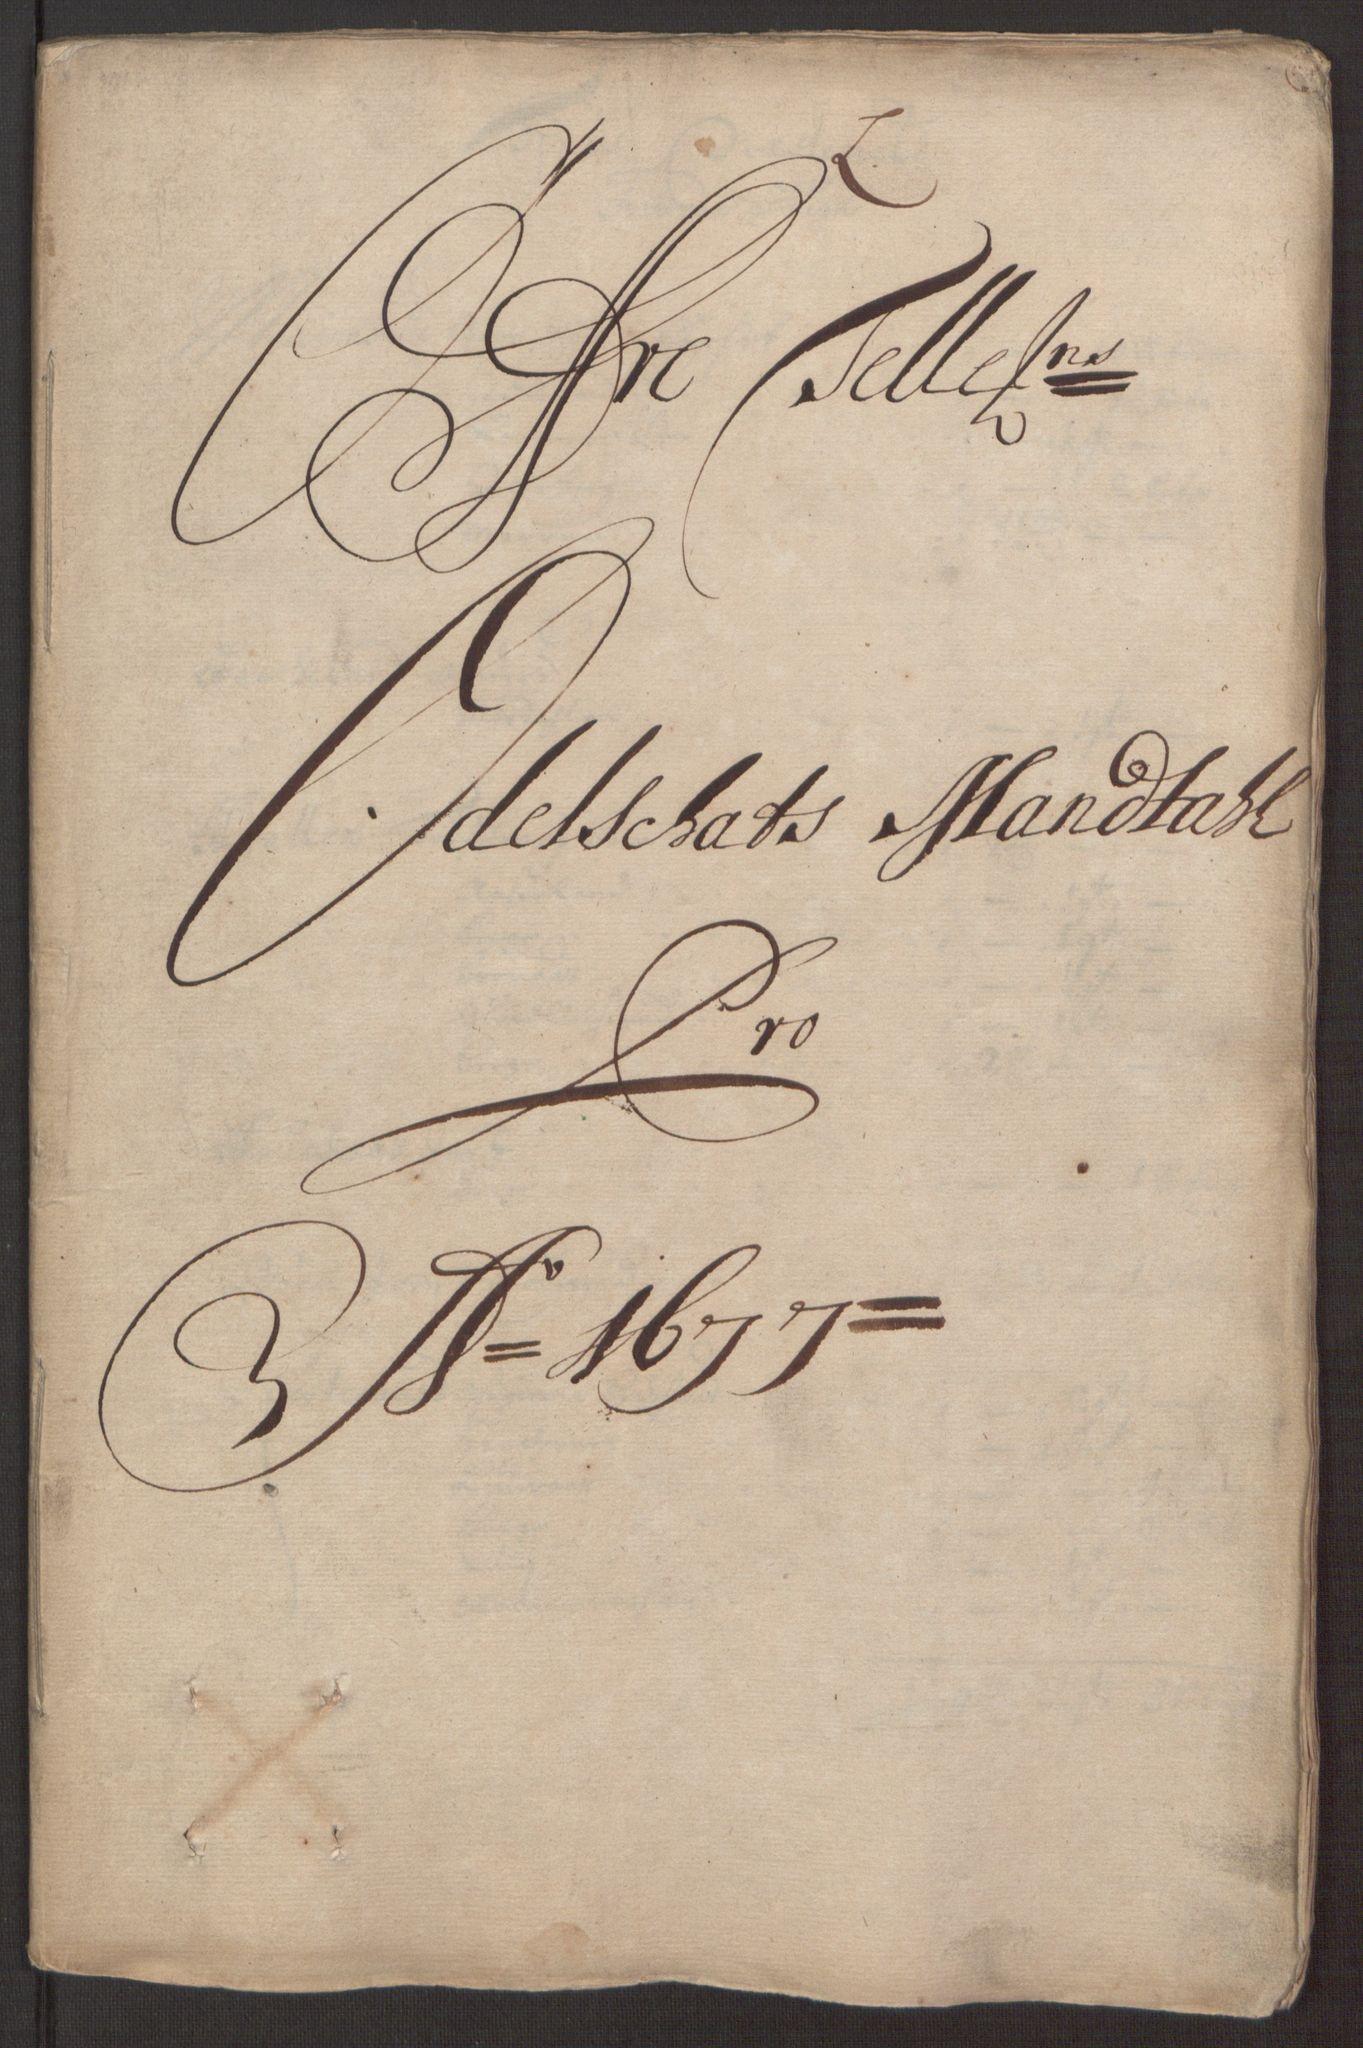 RA, Rentekammeret inntil 1814, Reviderte regnskaper, Fogderegnskap, R35/L2067: Fogderegnskap Øvre og Nedre Telemark, 1677, s. 128